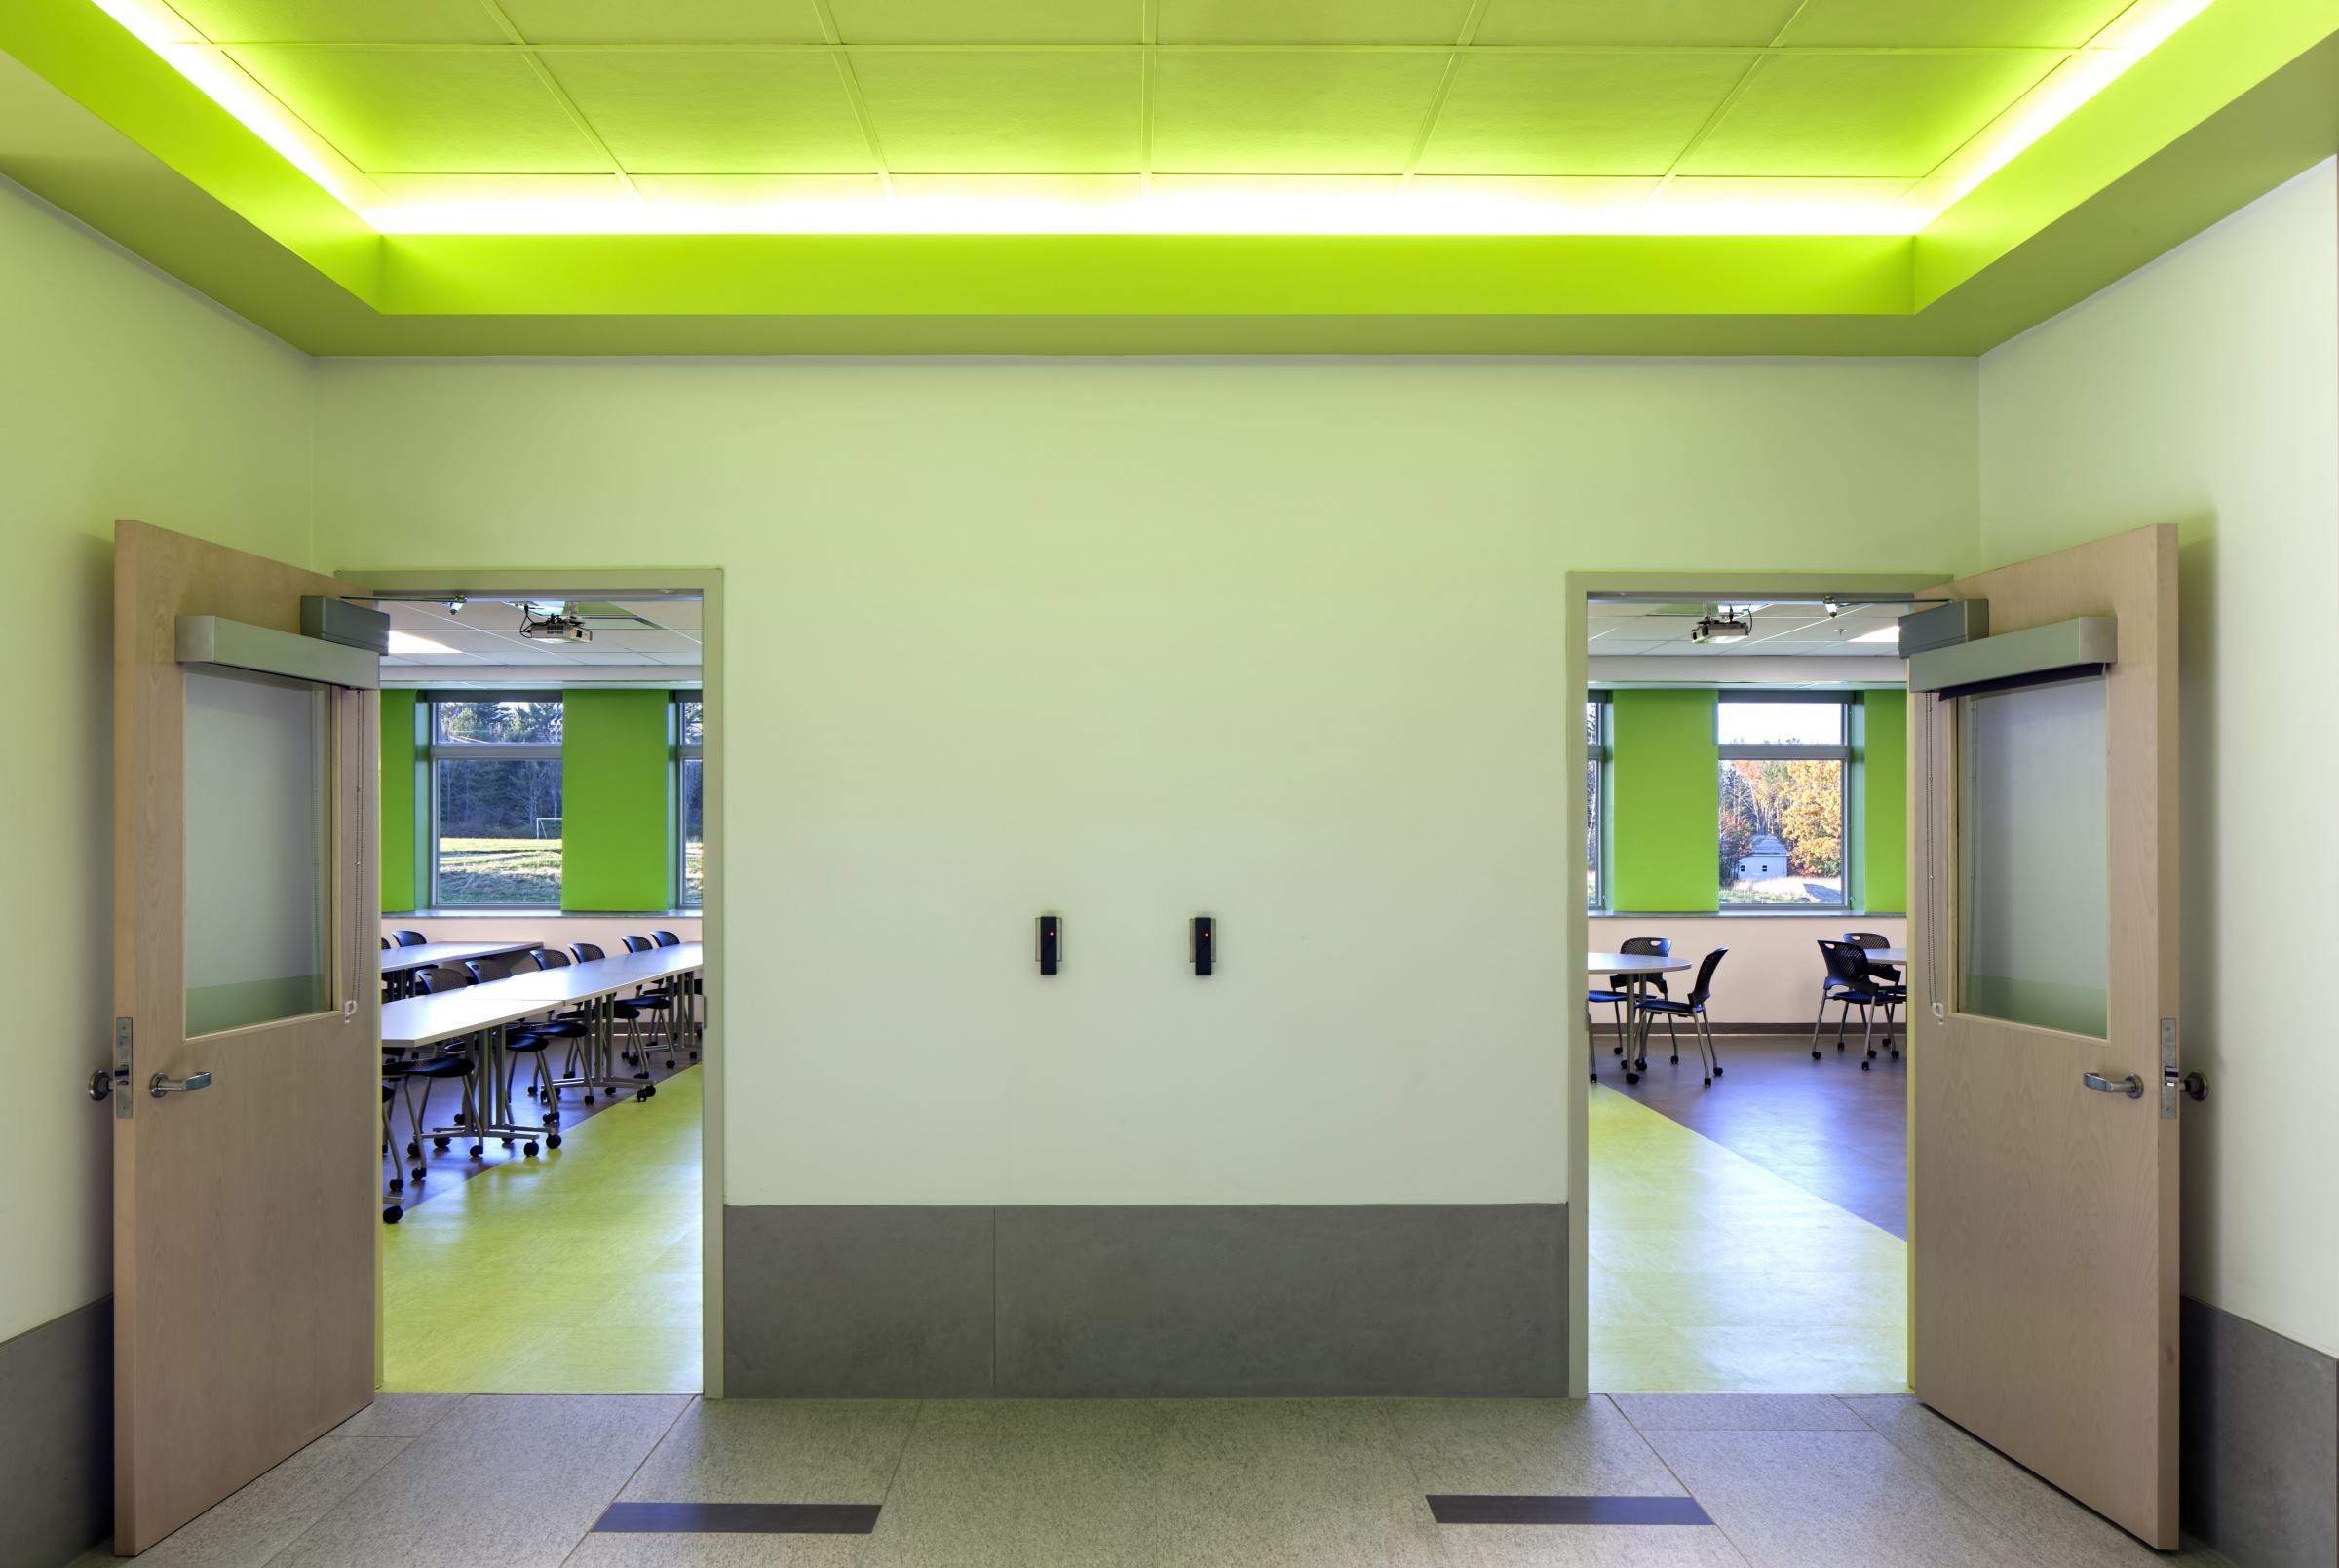 KVCC Classroom Entrance